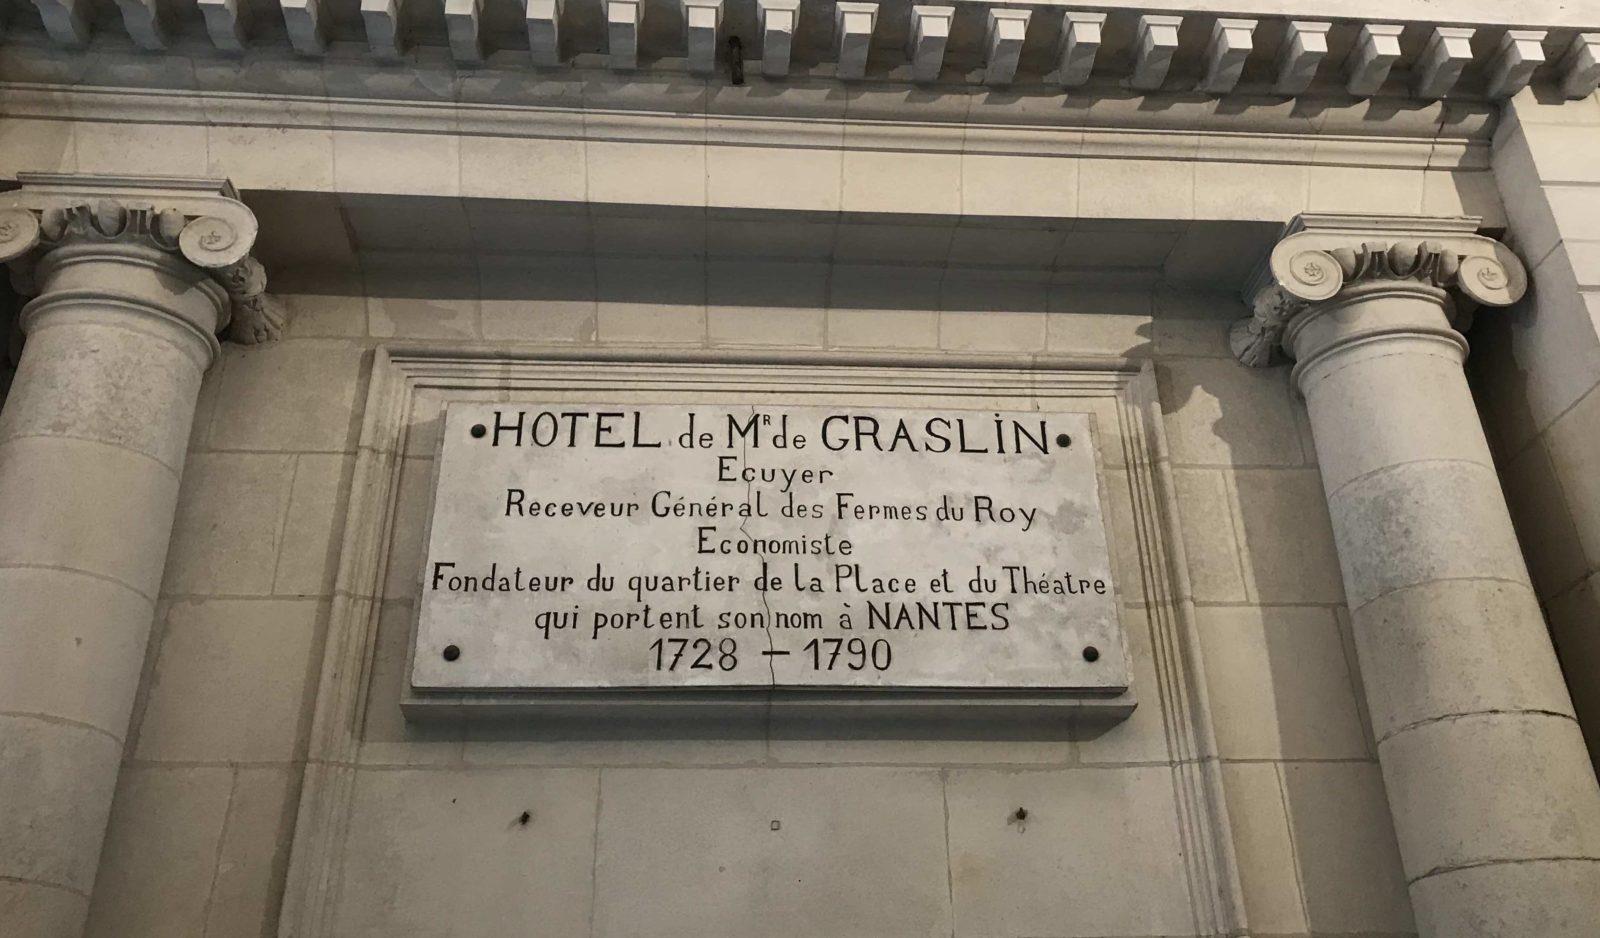 Nantes Hôtel de M.de Graslin- Oceania Hôtel de France